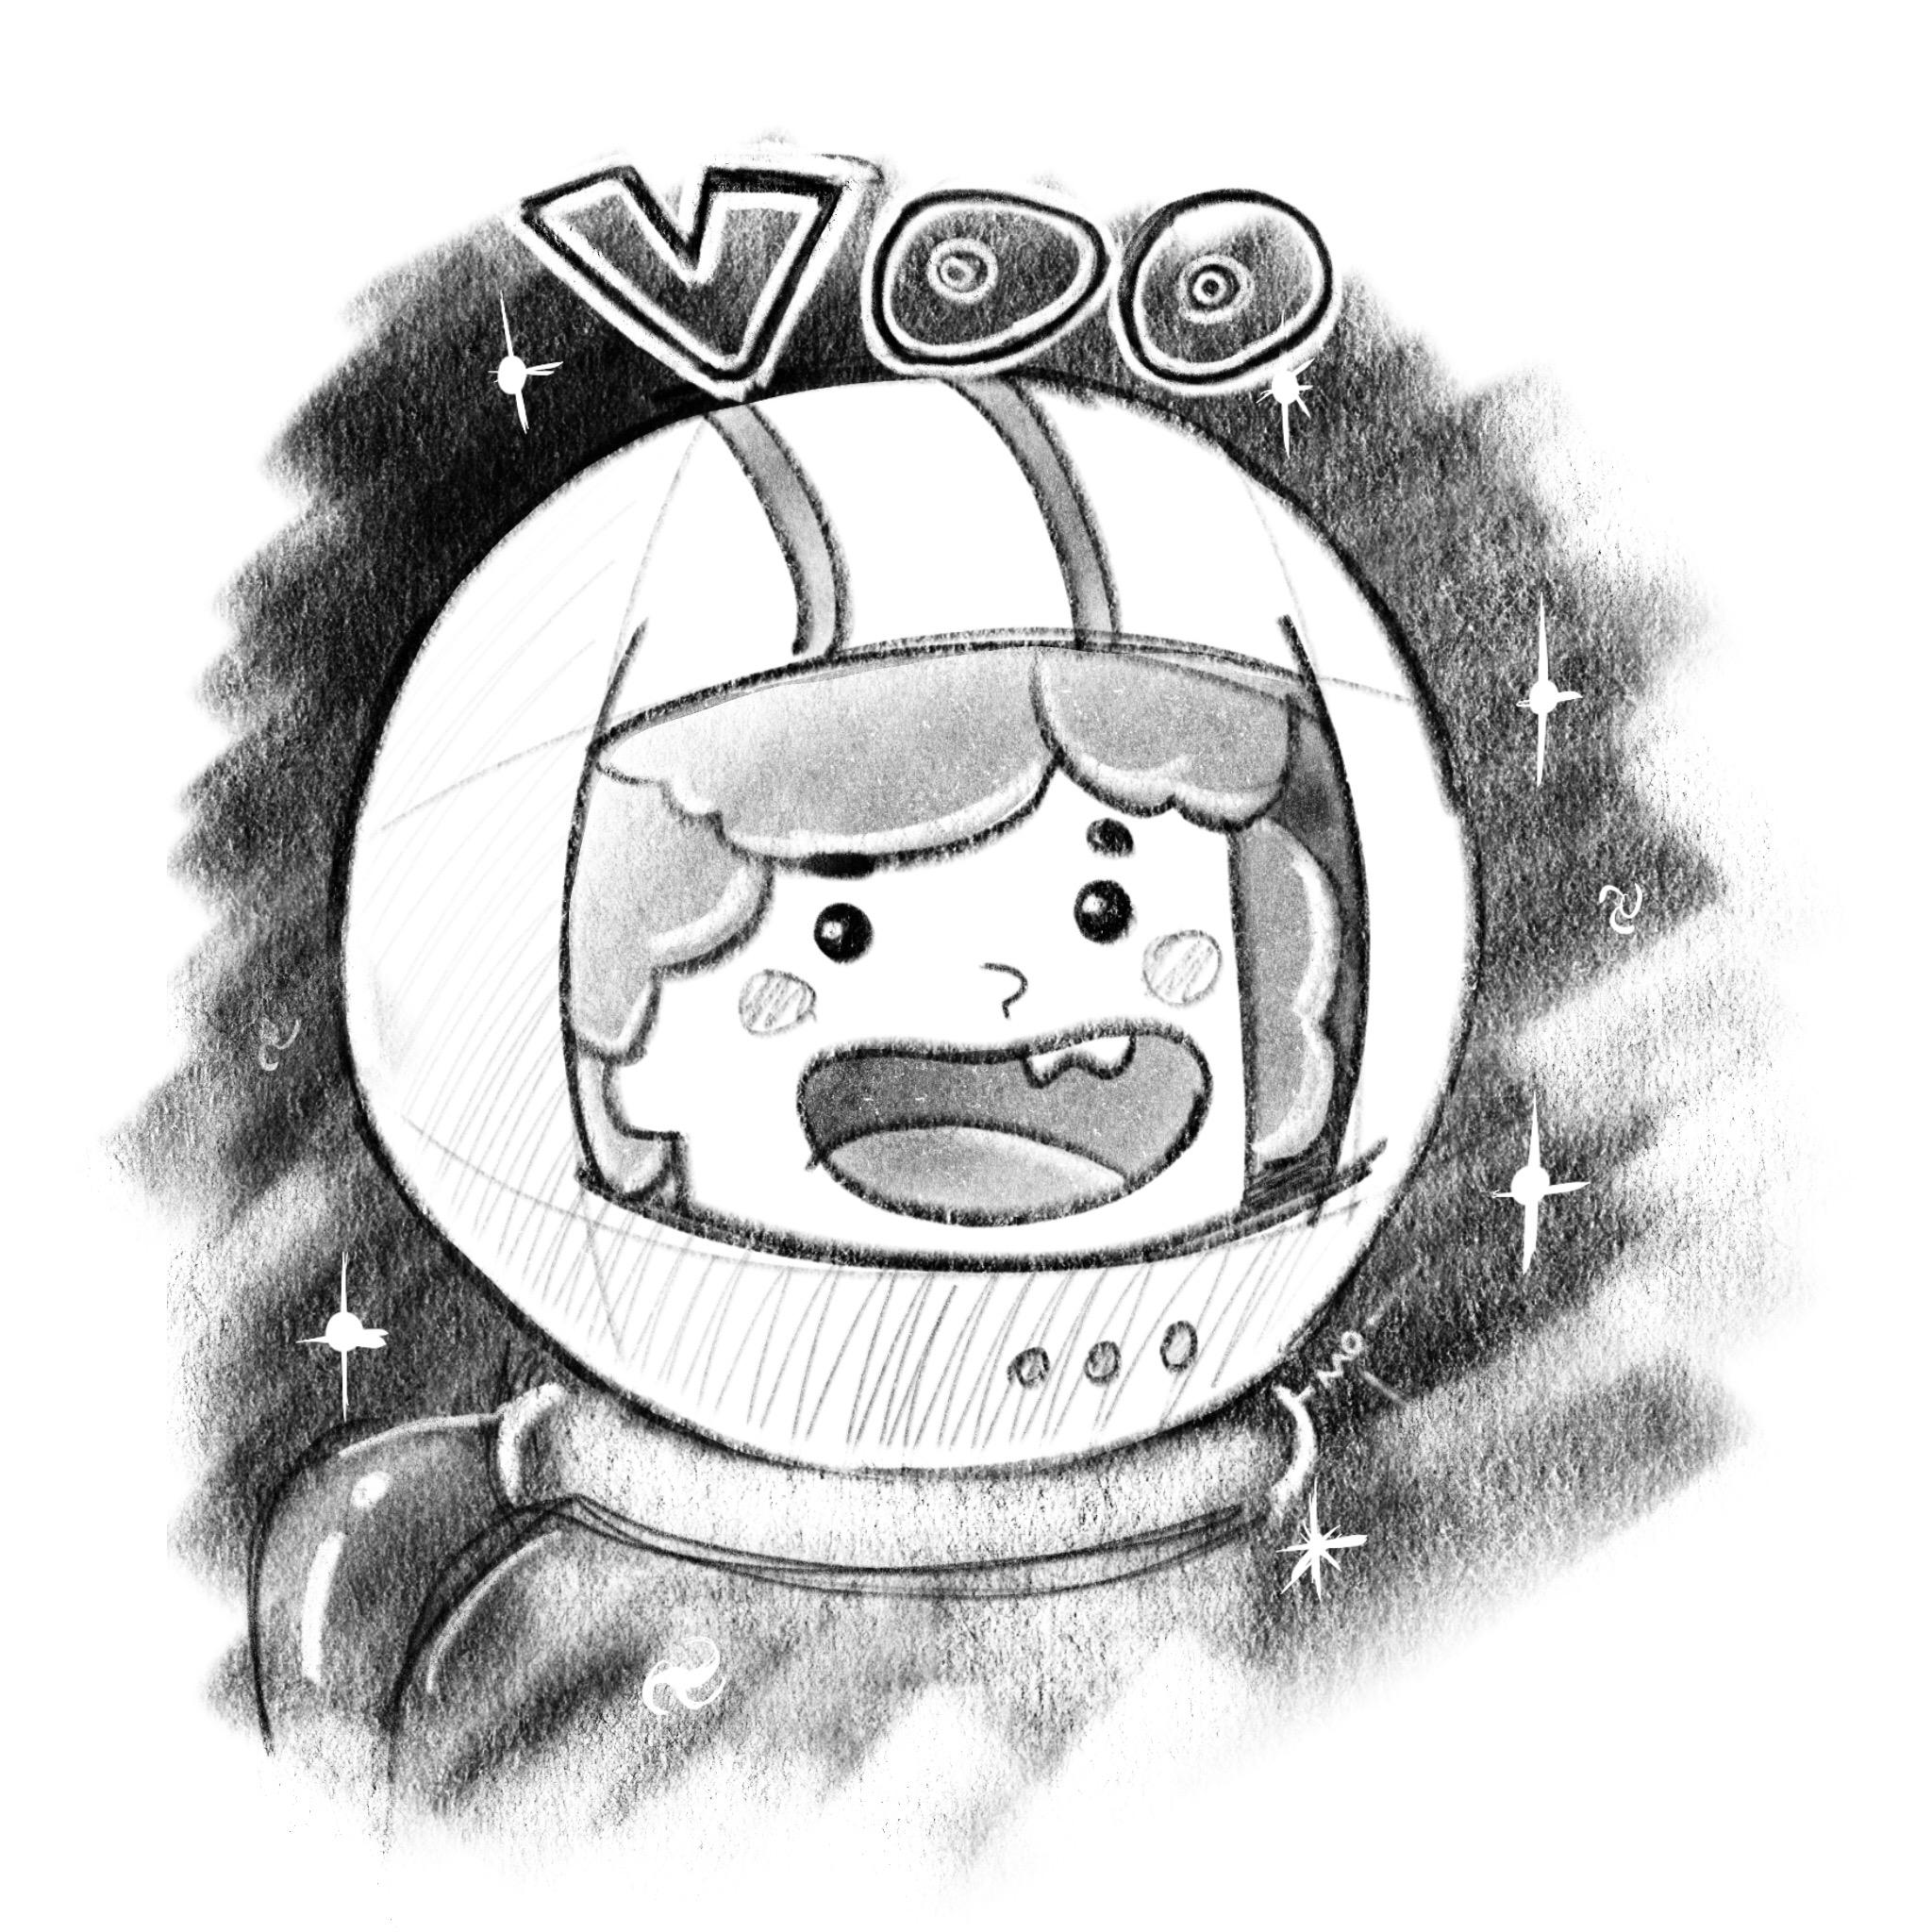 Sketchy Voo